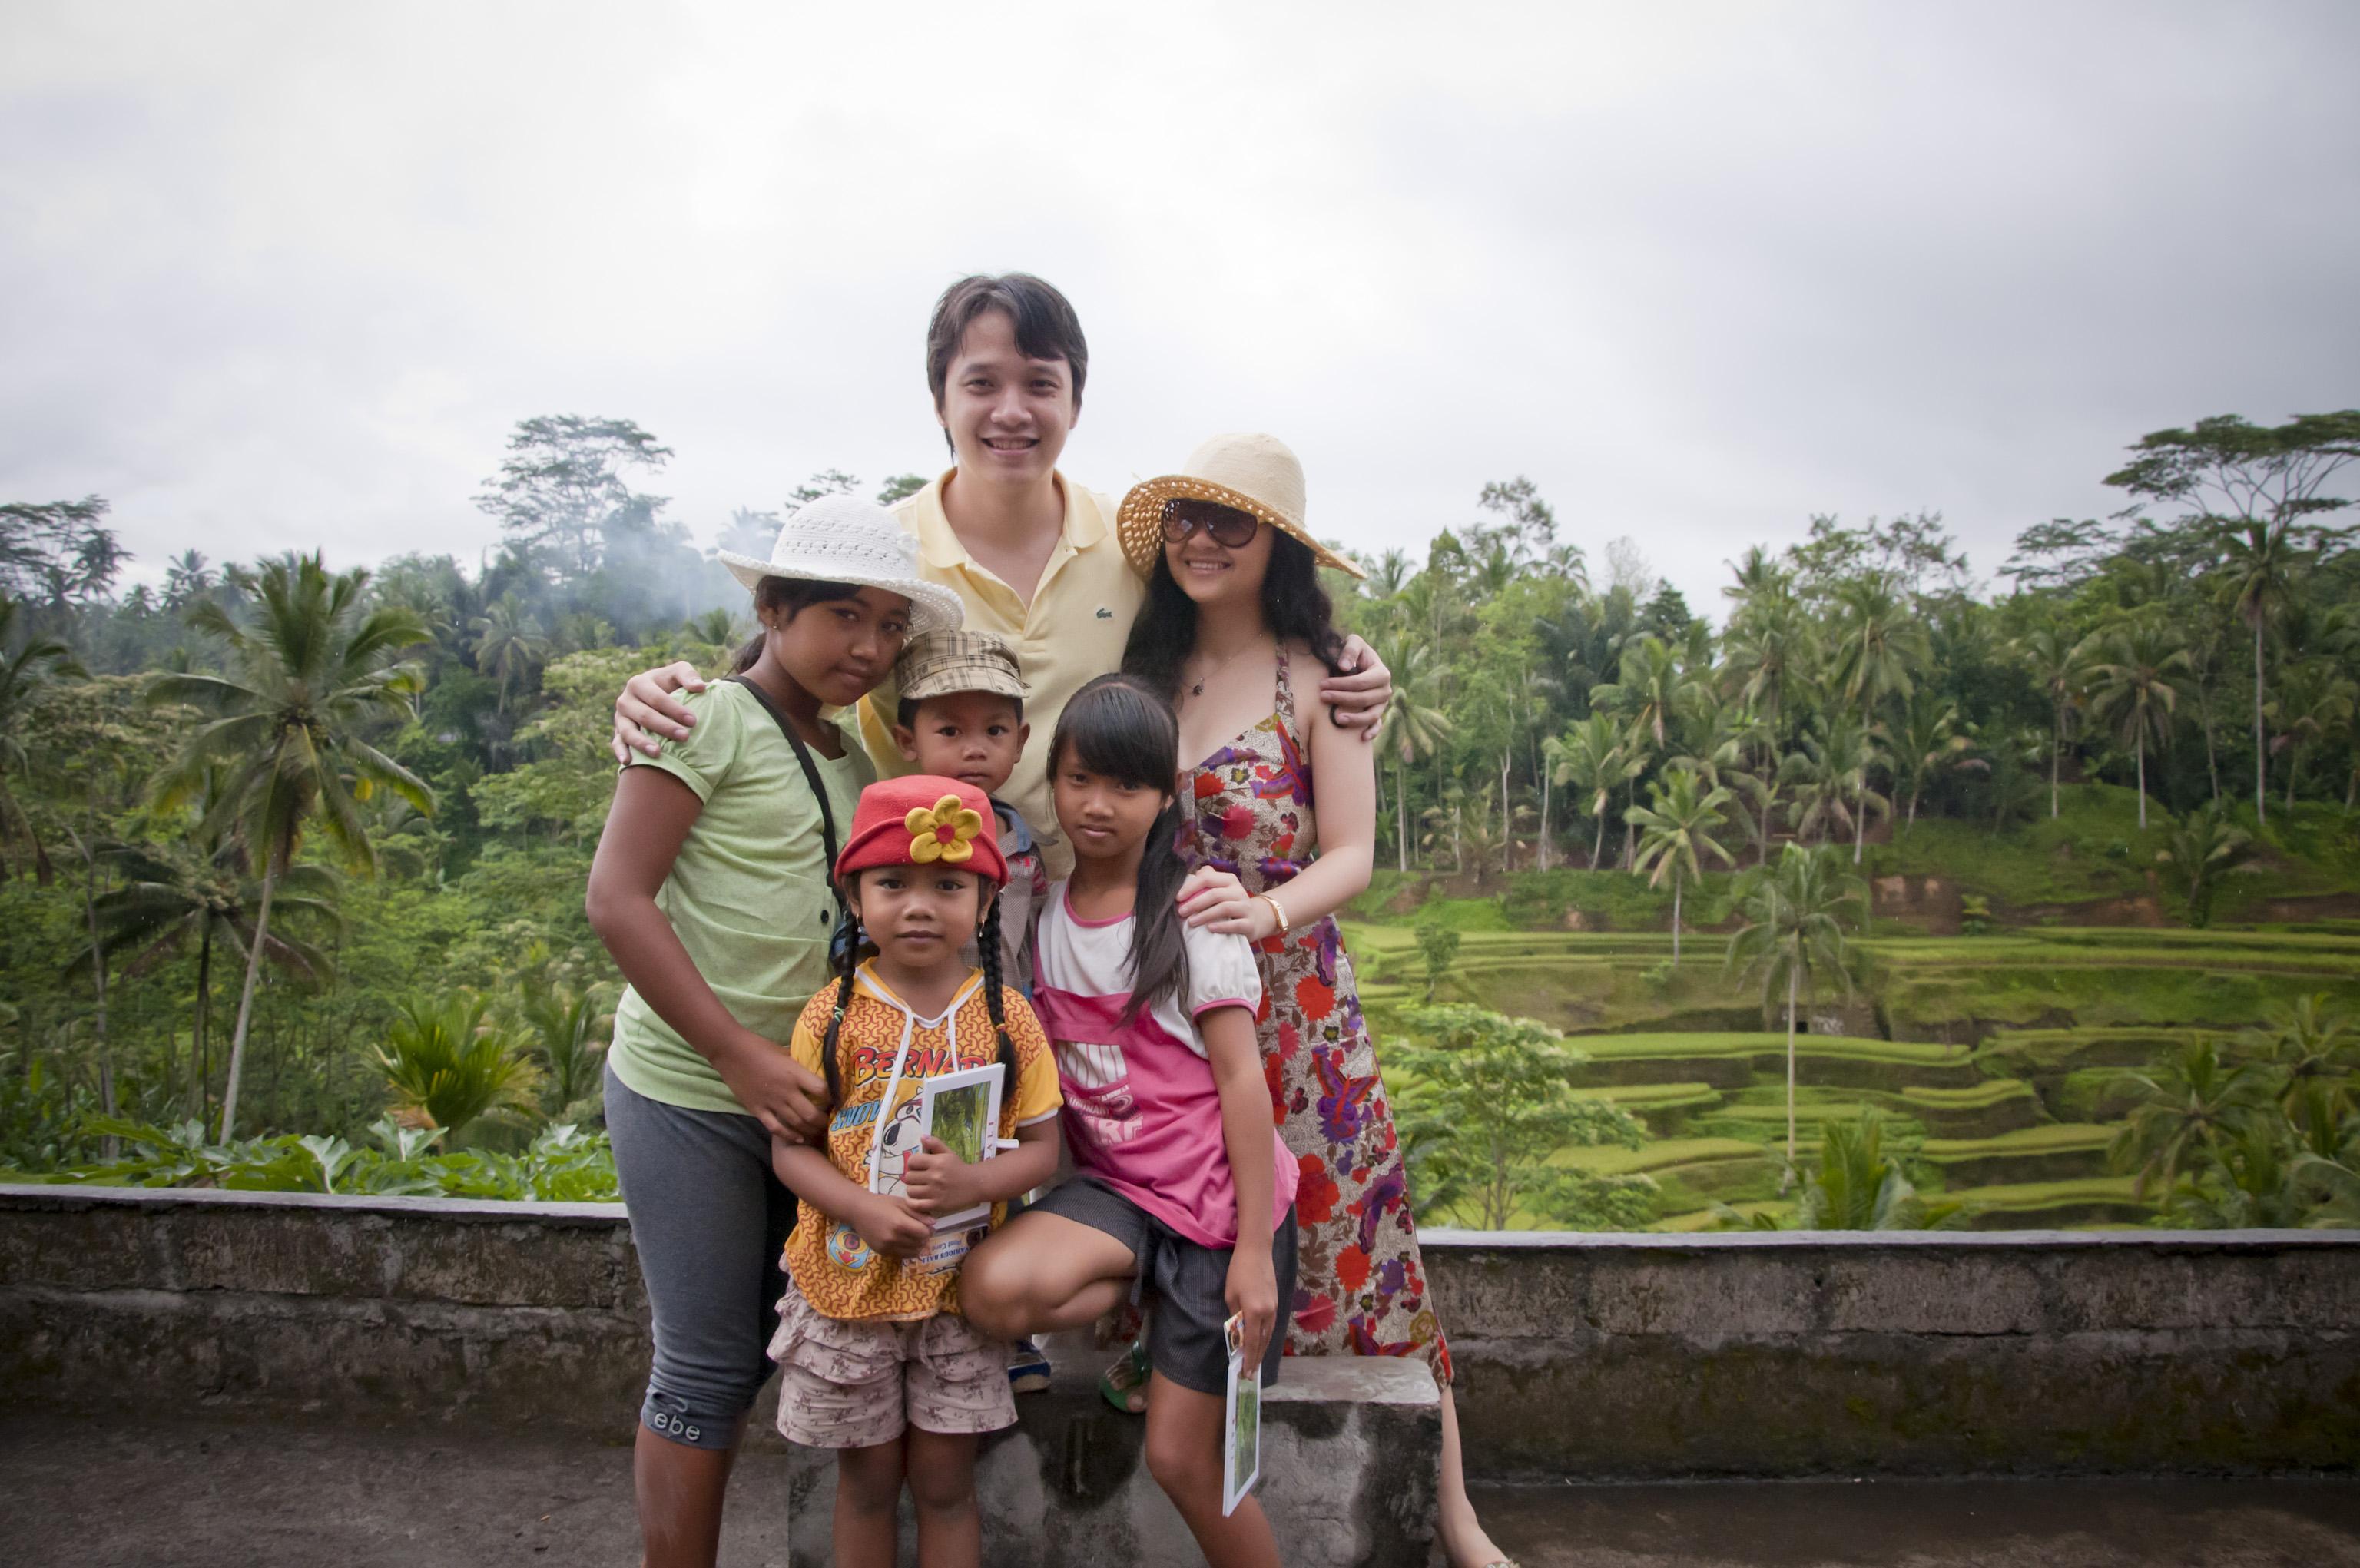 Bali Nov '11 no.040